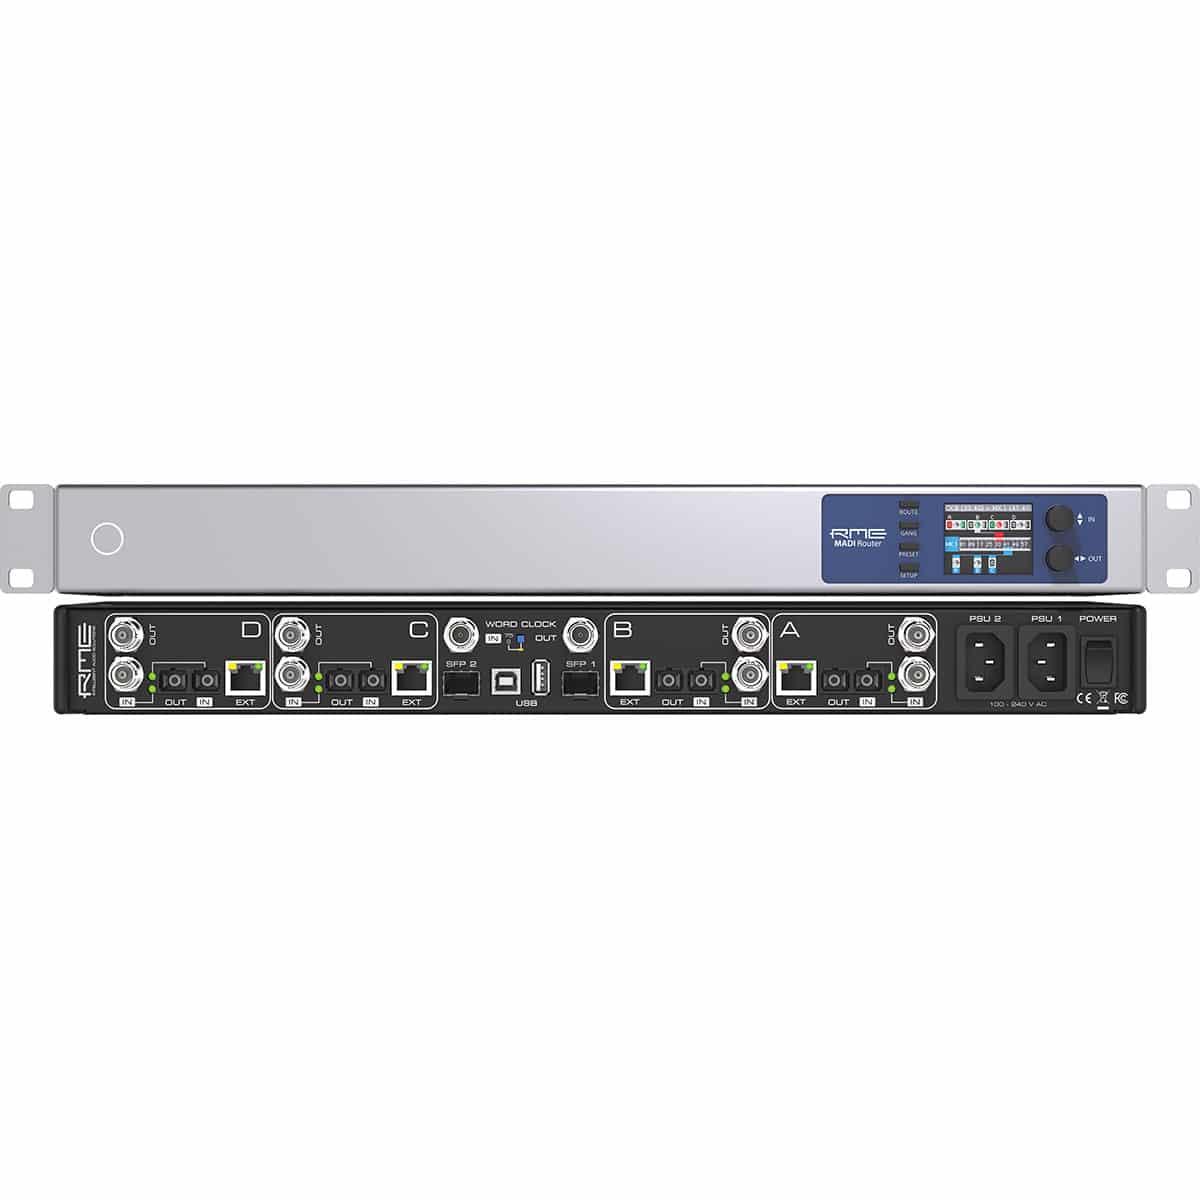 RME Madi Router 03 Convertitori Audio, Recording, Audio Digitale Convertitori e Schede Audio